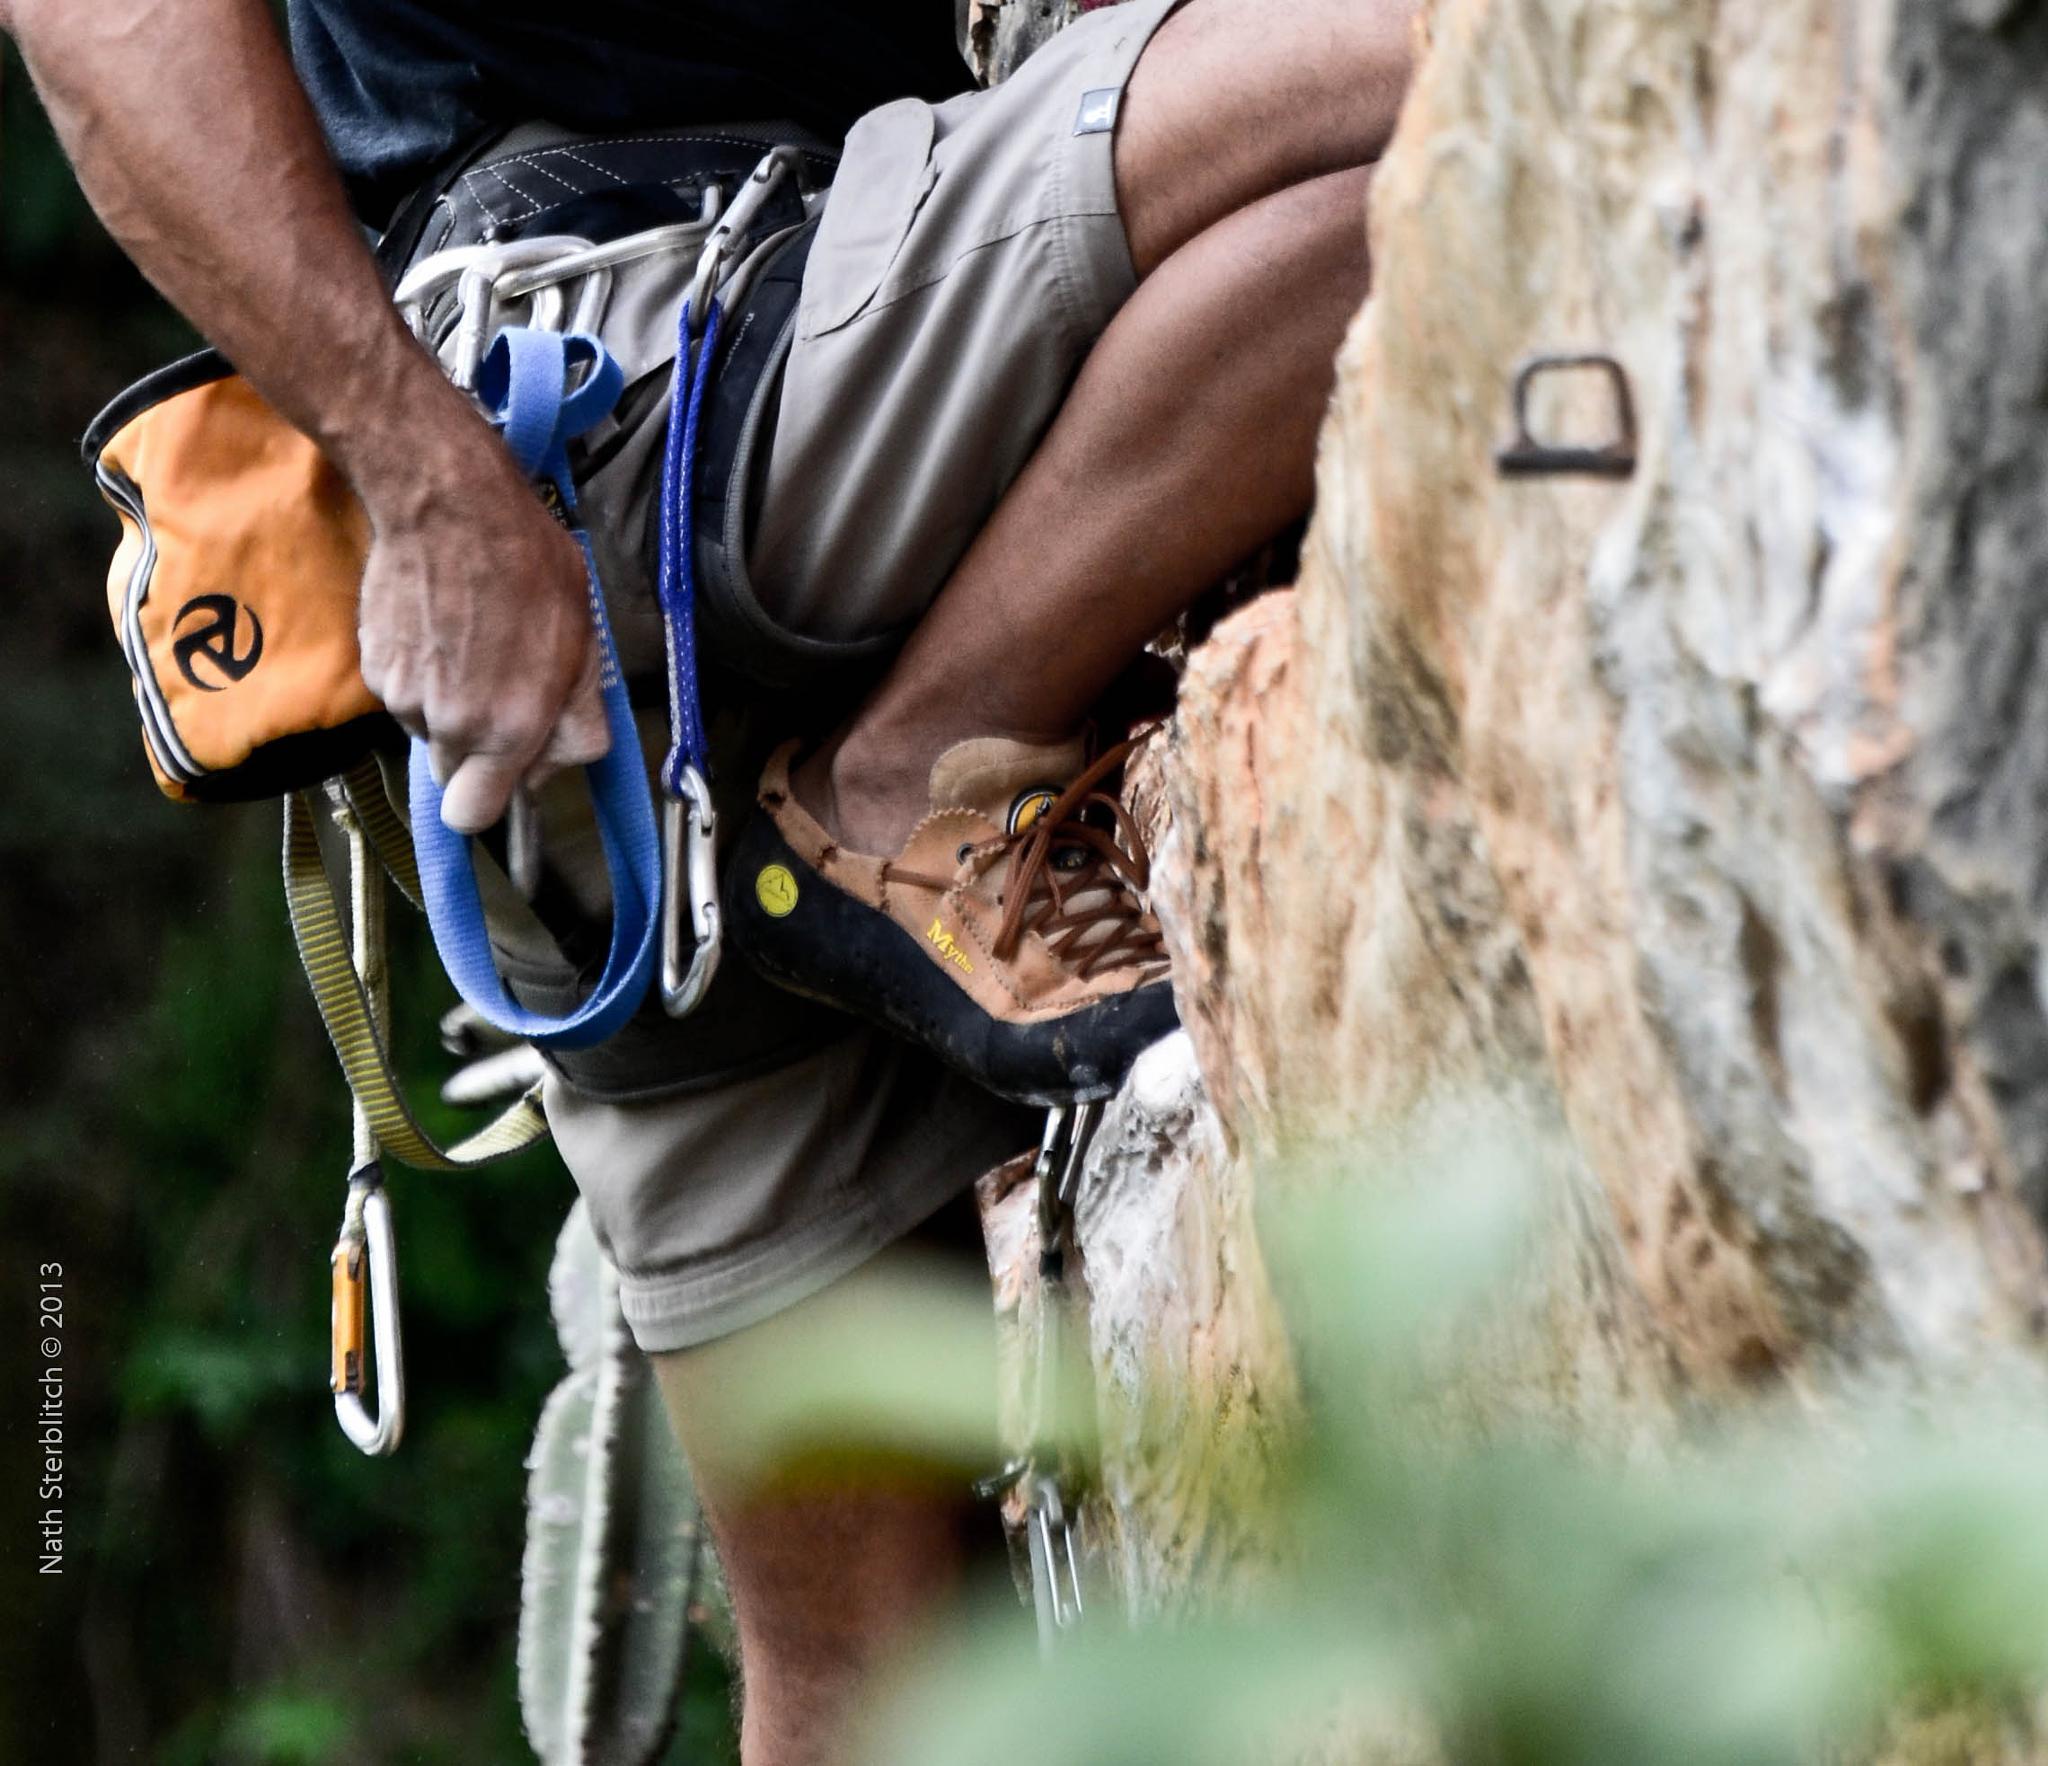 Rock climbing   Escalada em rocha by nathsterblitch